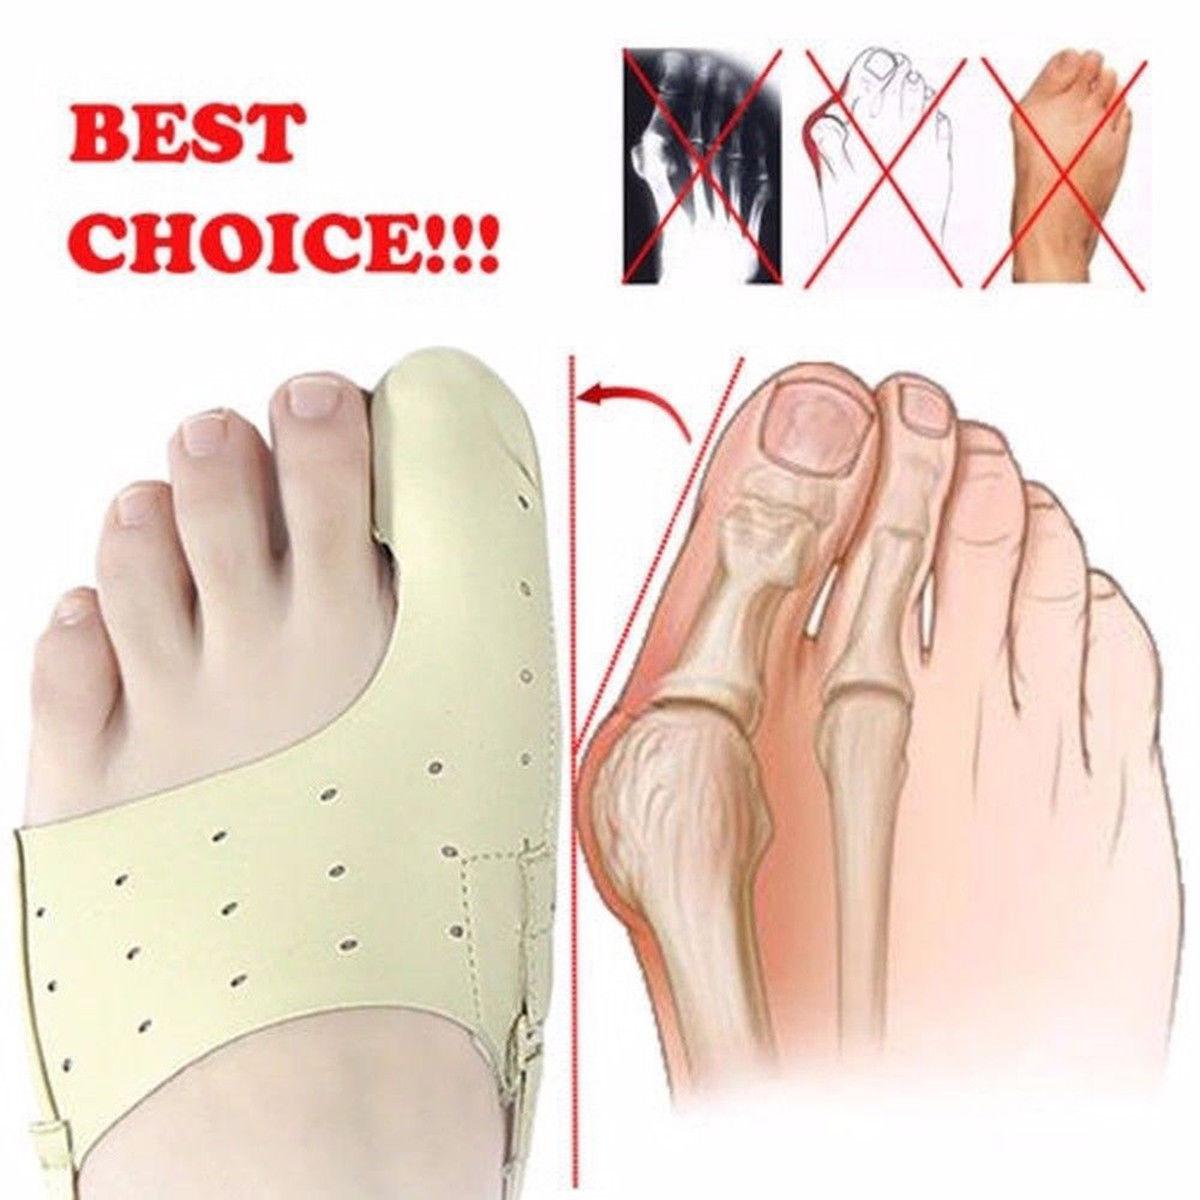 2020 эластичный корректор шишки на большом пальце цельнокроеное платье инструмент для ухода за ногами на широкую ногу кости разделитель для ...